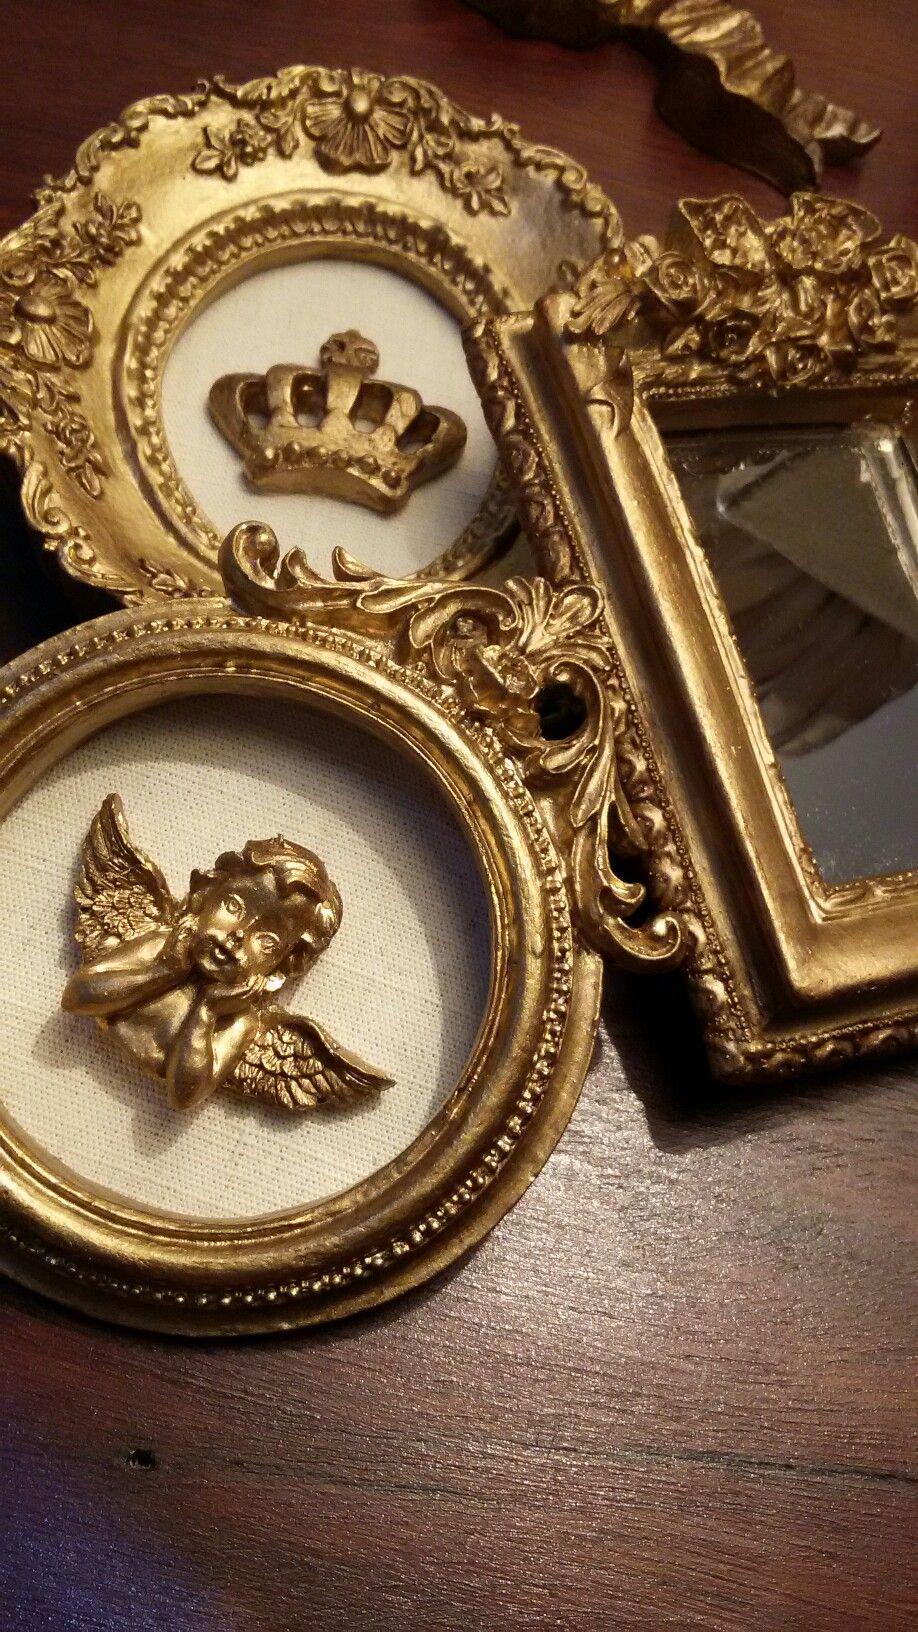 Quadro anjo e coroa disponíveis! Produção artesanal